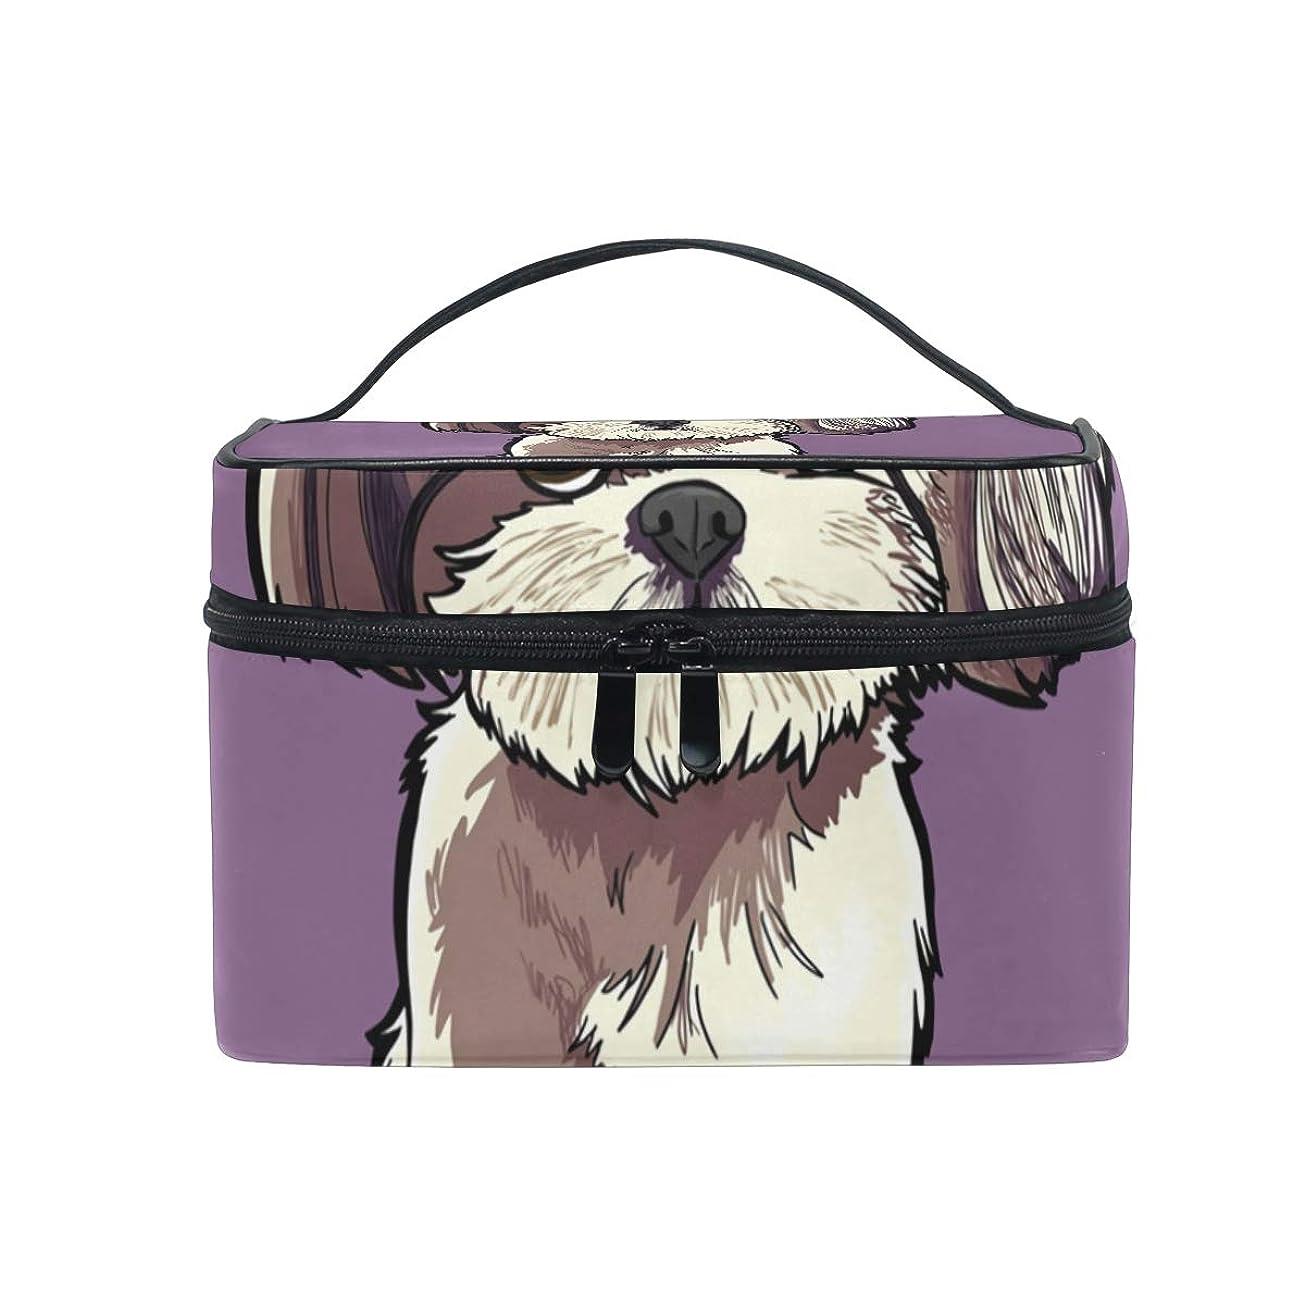 行う信頼バリアメイクボックス Shih Tzu Dog柄 化粧ポーチ 化粧品 化粧道具 小物入れ メイクブラシバッグ 大容量 旅行用 収納ケース